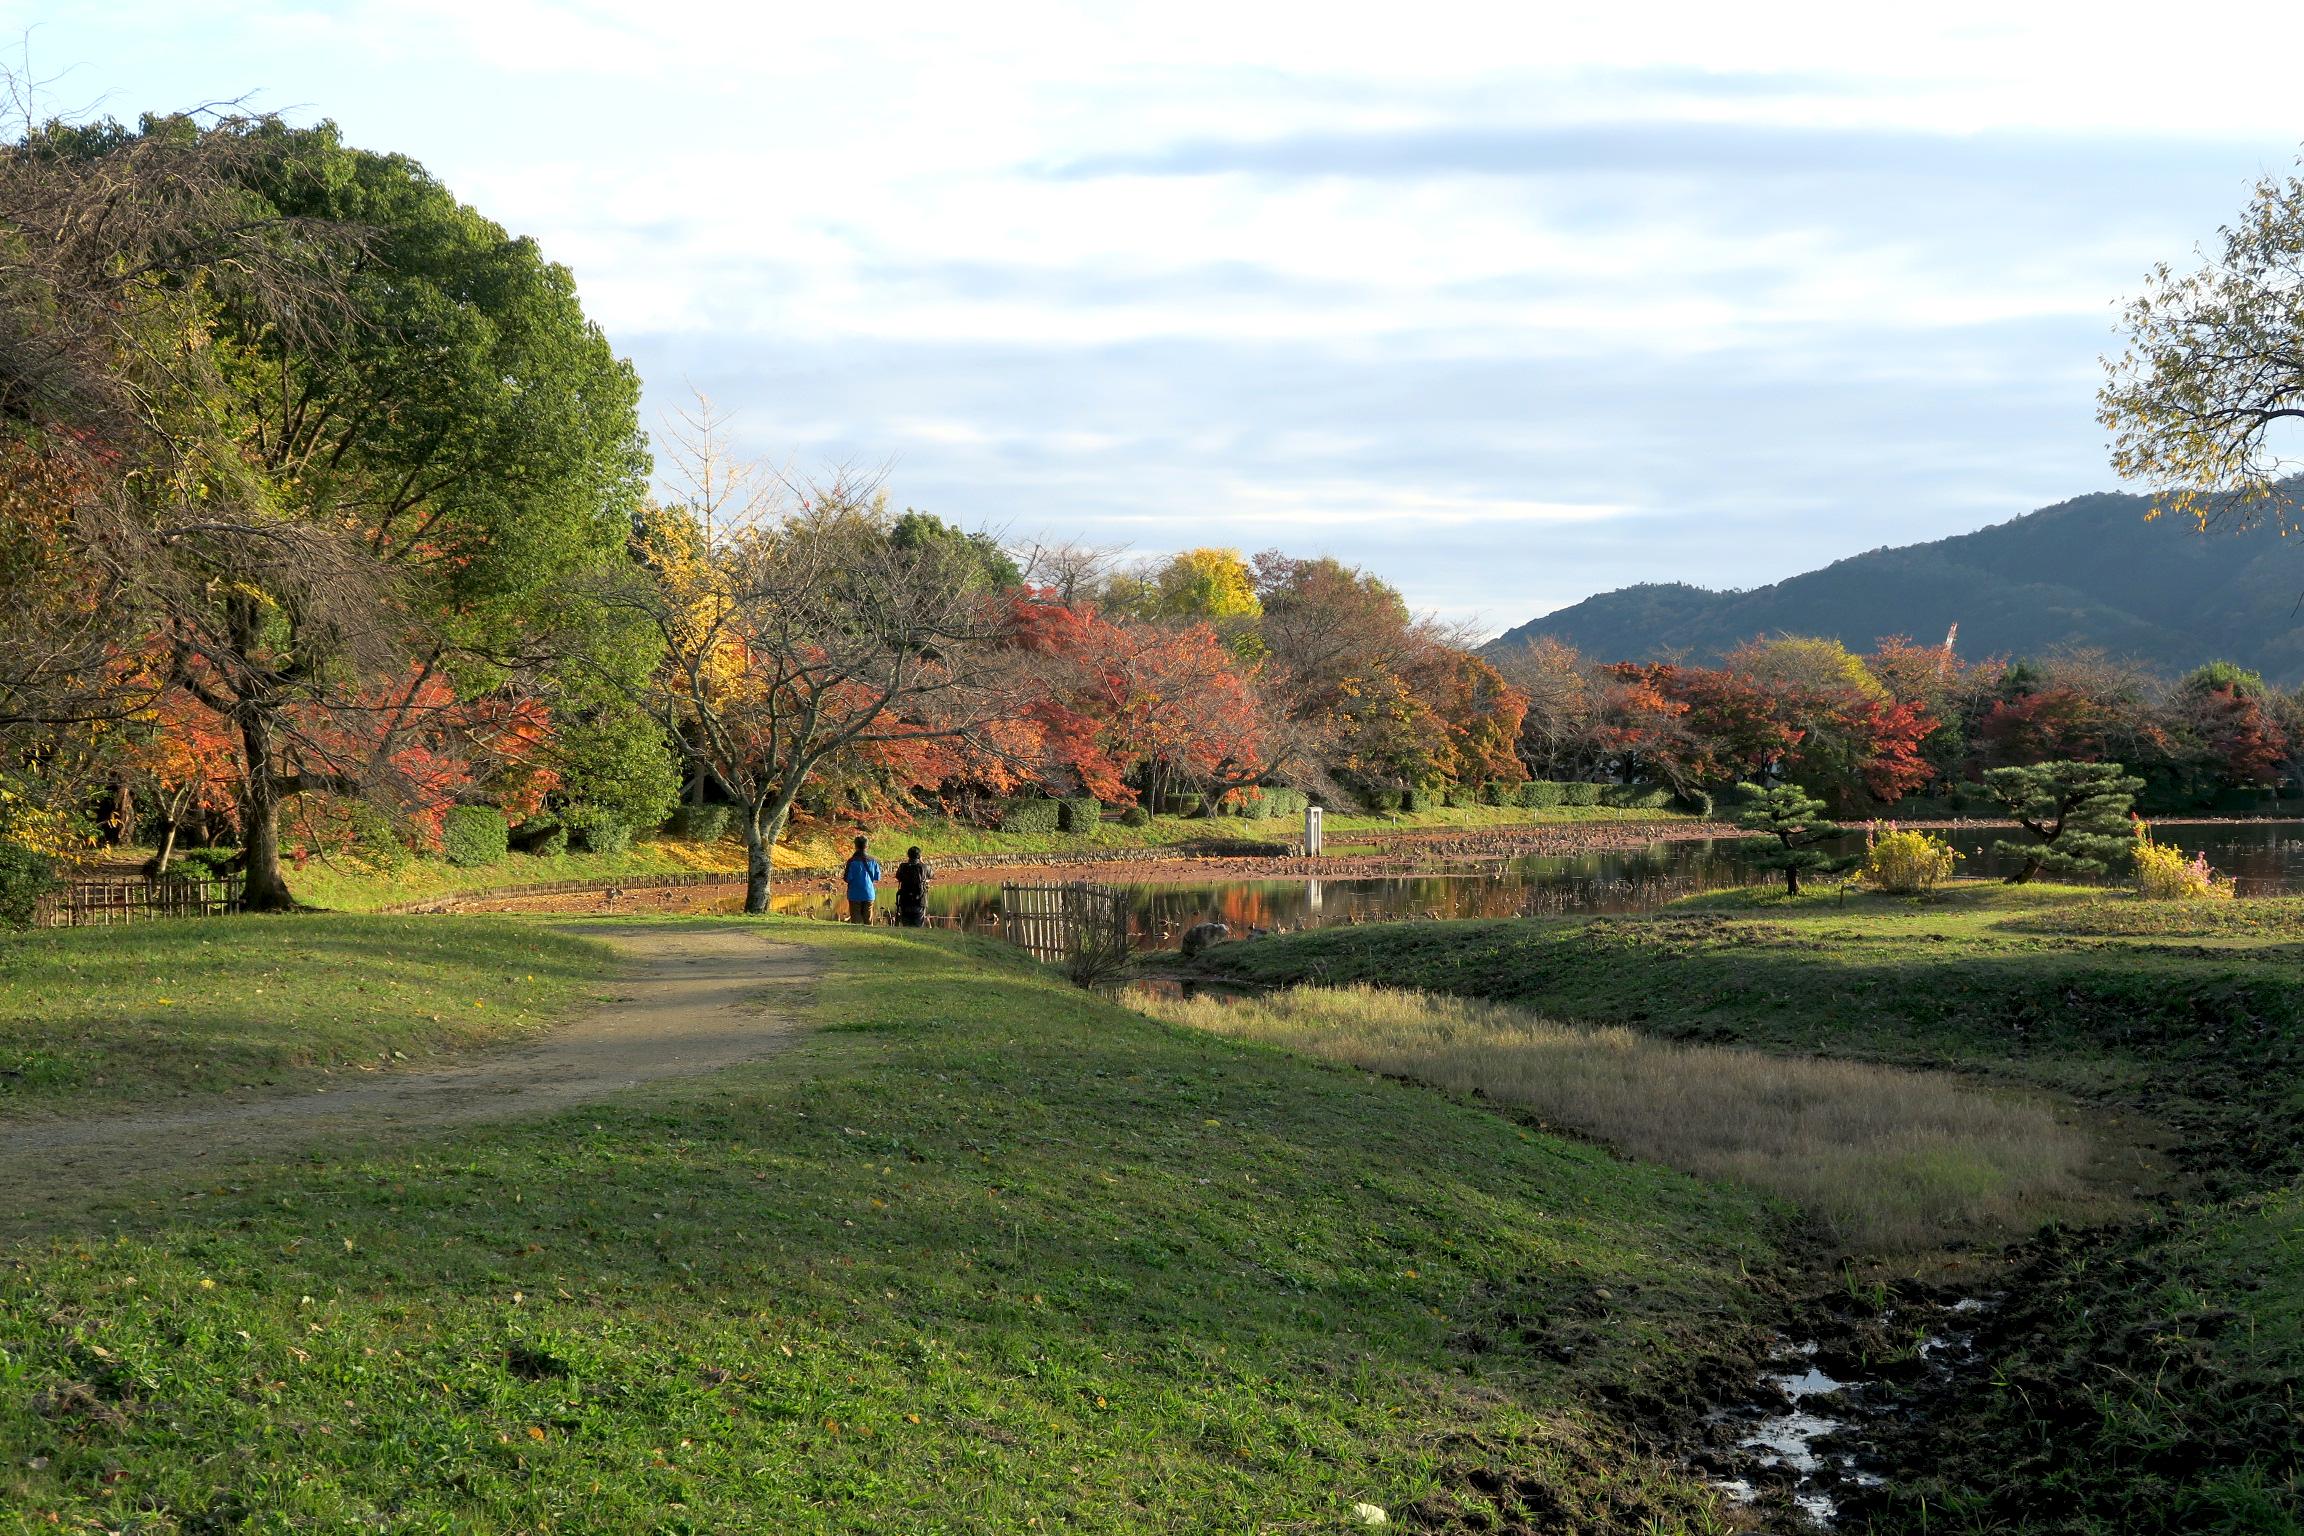 紅葉の季節でものんびりとした時間が過ごせますので、オススメです!